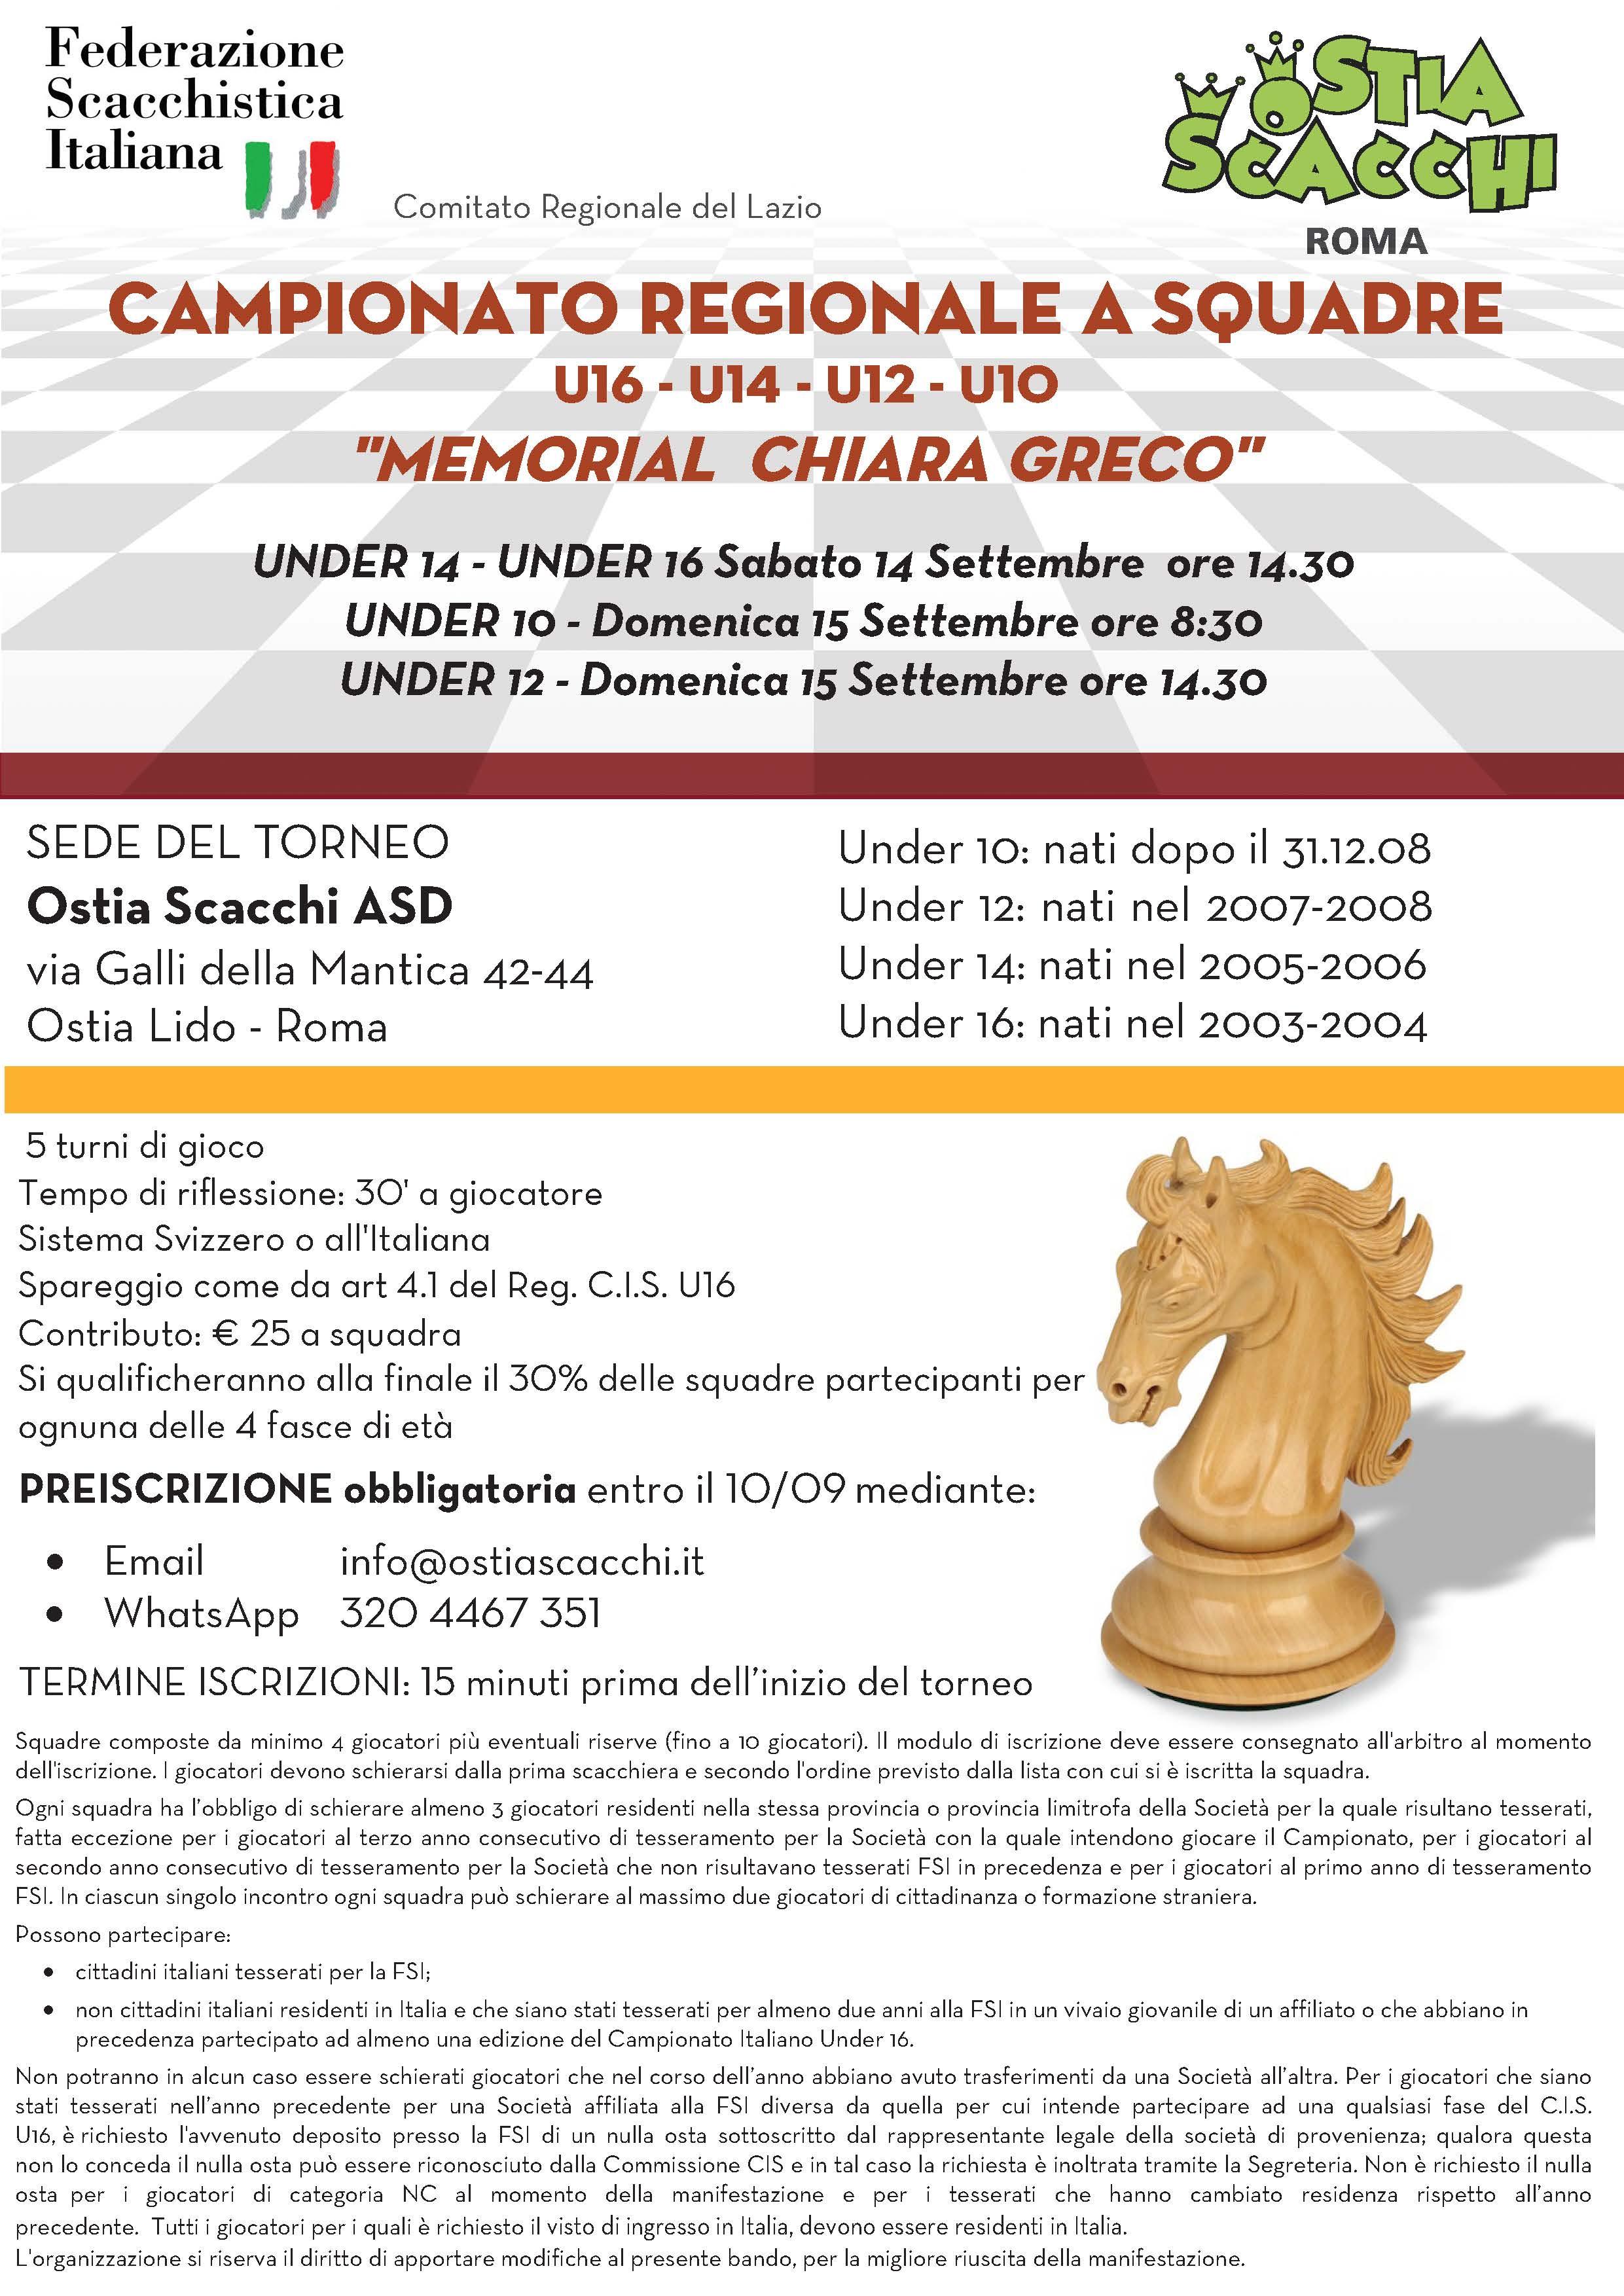 Calendario Tornei Scacchi.Comitato Regionale Lazio Fsi